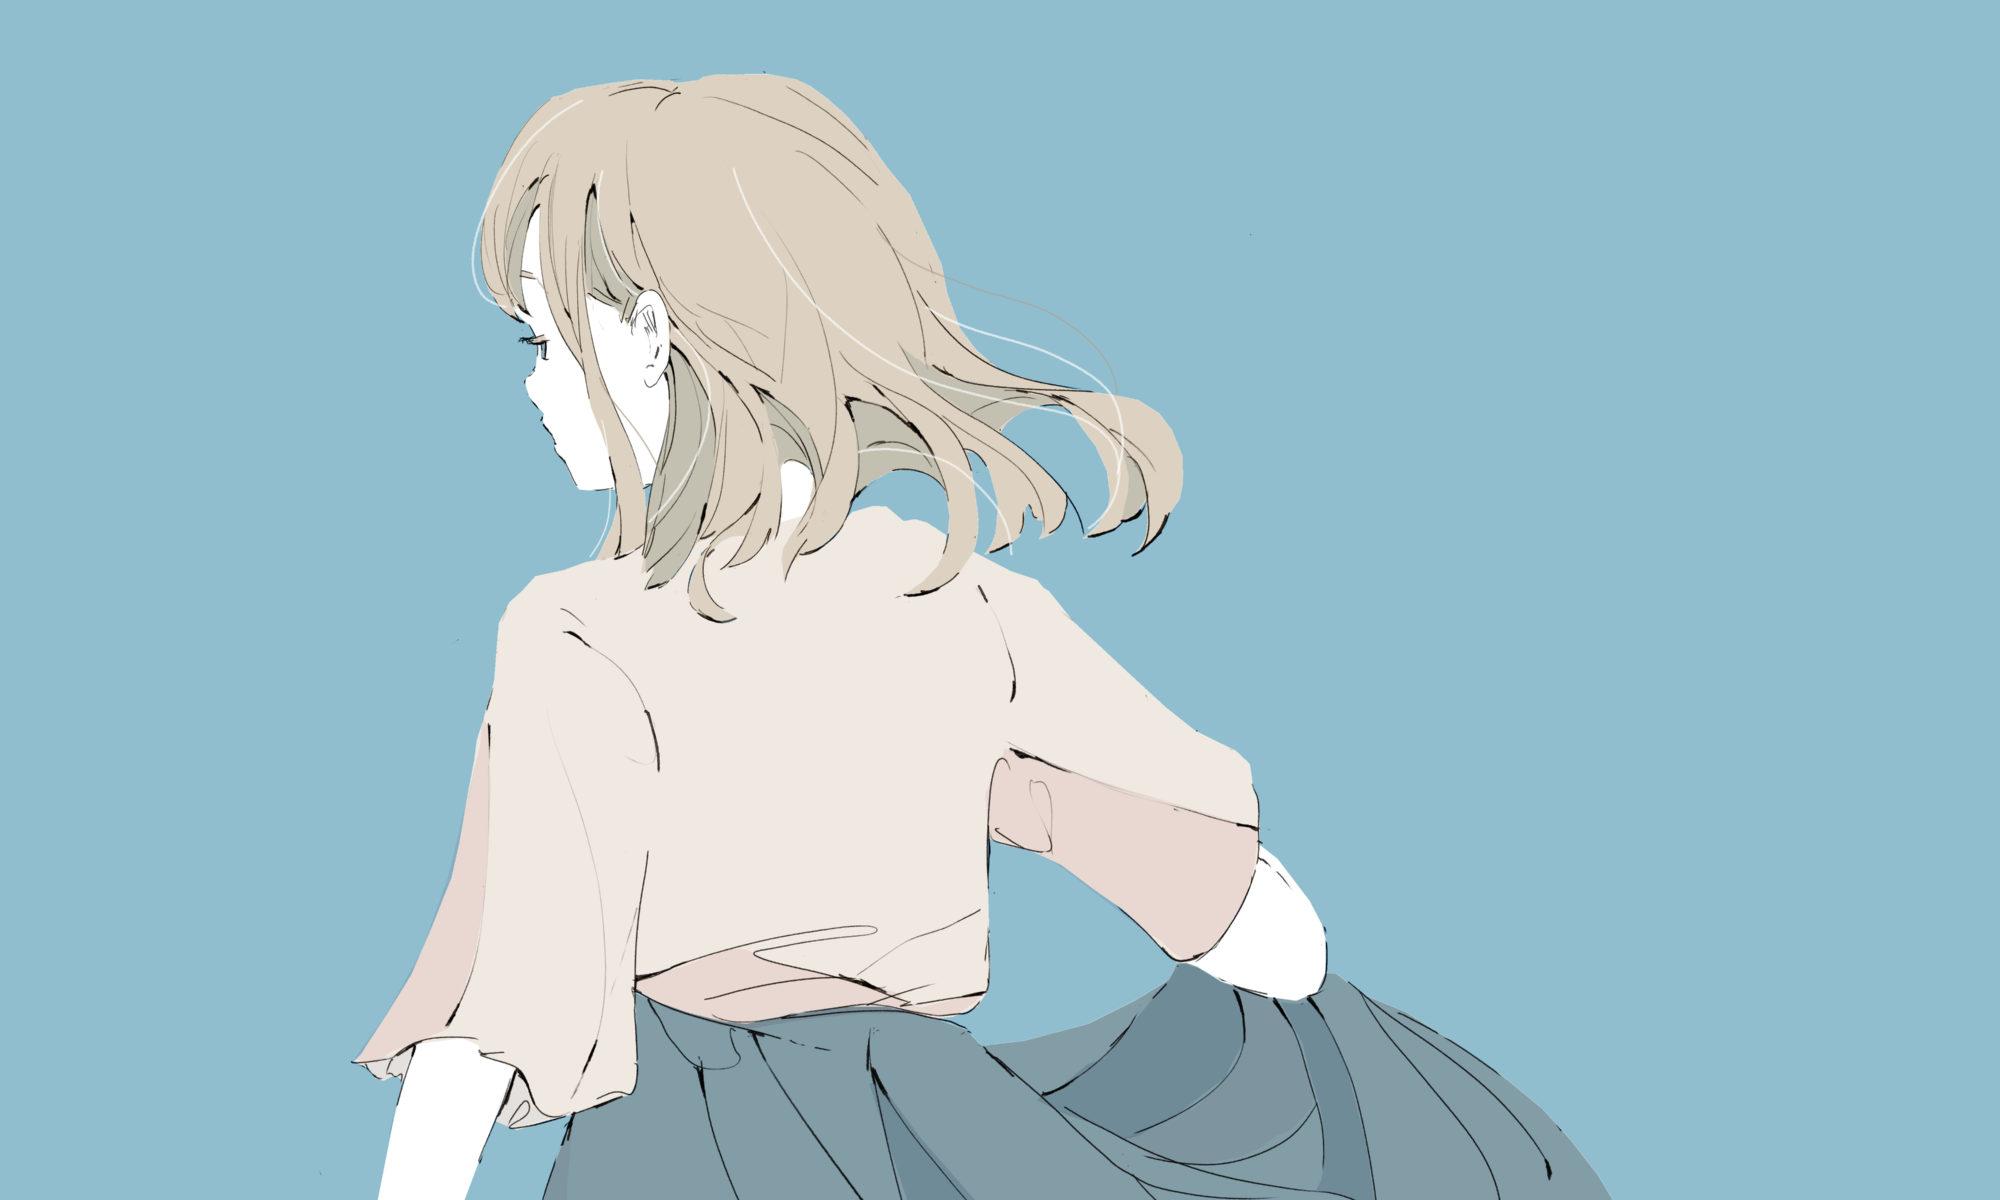 金髪とロングスカートの女の子 イラスト